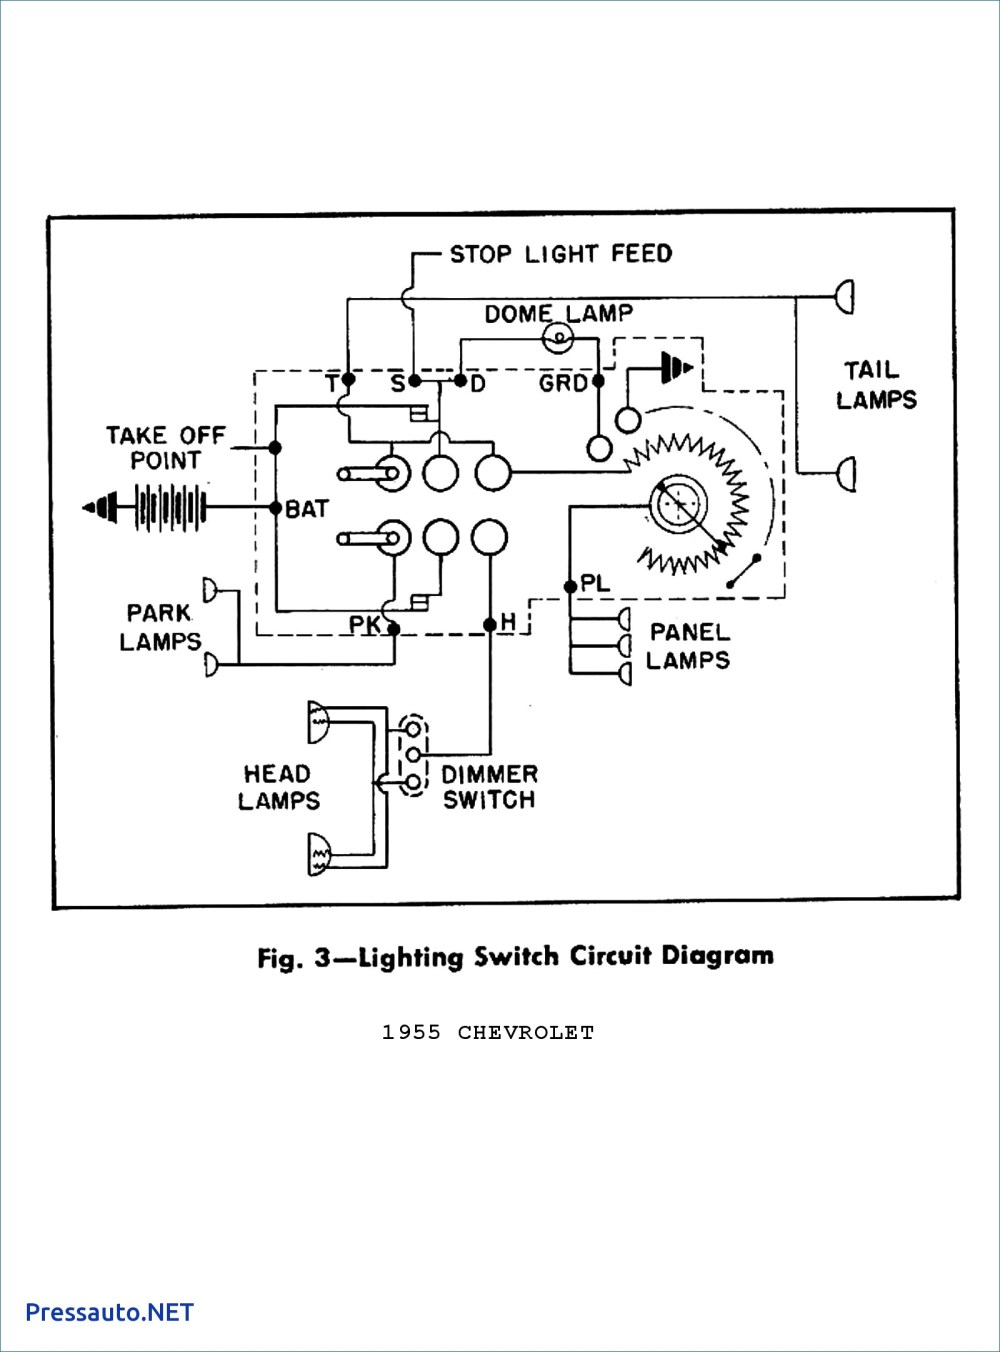 medium resolution of jl audio 500 1v2 wiring diagram jl audio 500 1v2 wiring diagram 2001 chevy tahoe